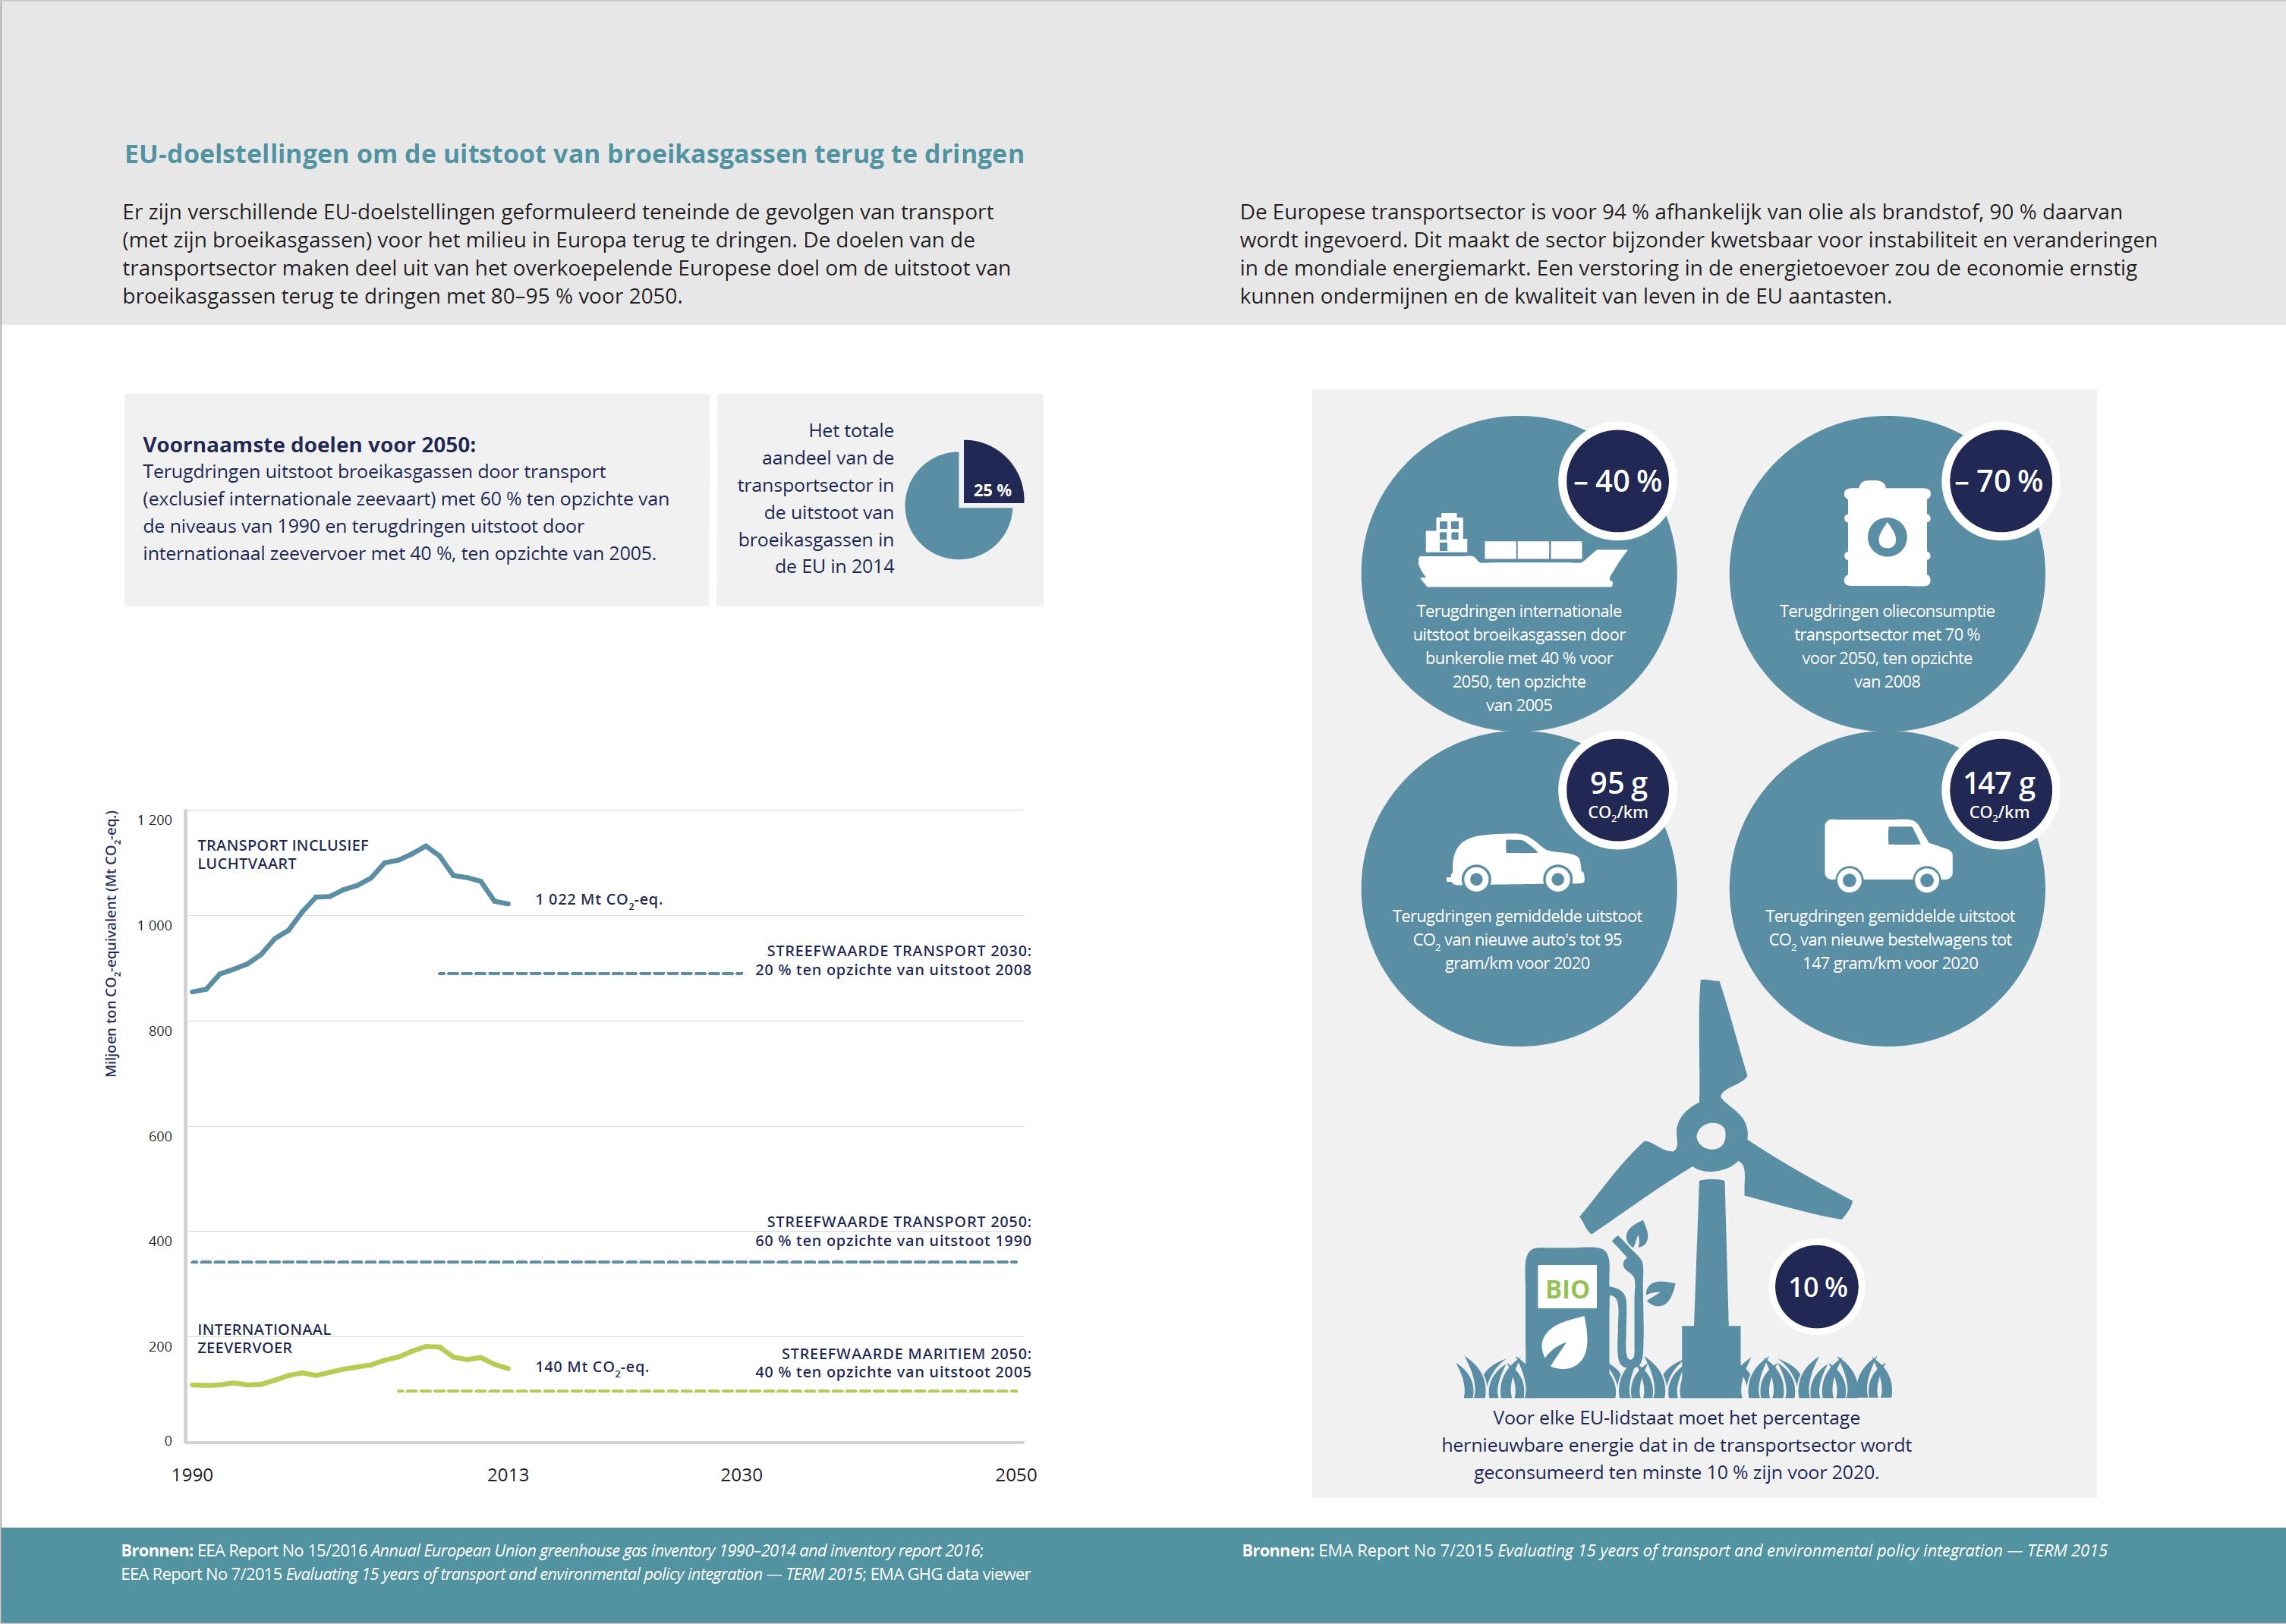 EU-doelstellingen om de uitstoot van broeikasgassen terug te dringen